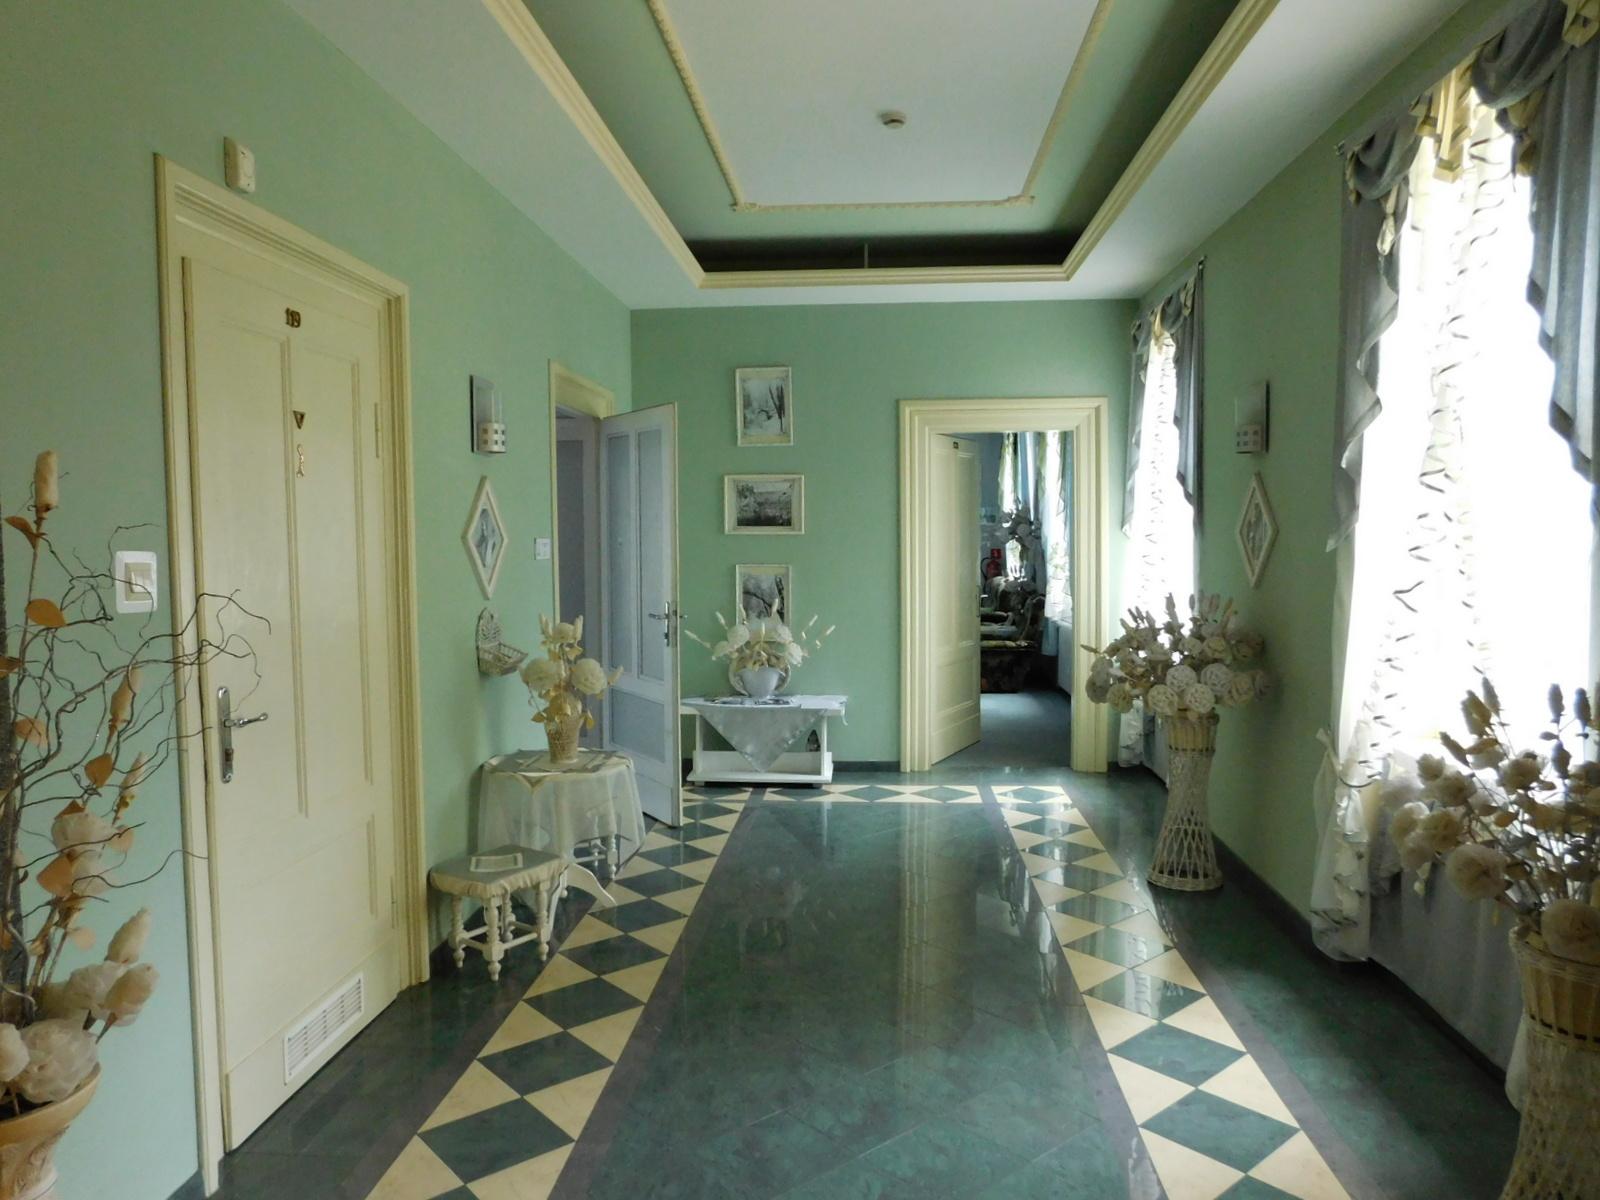 Wnętrze pałacu w Łosiowie [fot. Barbara Tyslik]